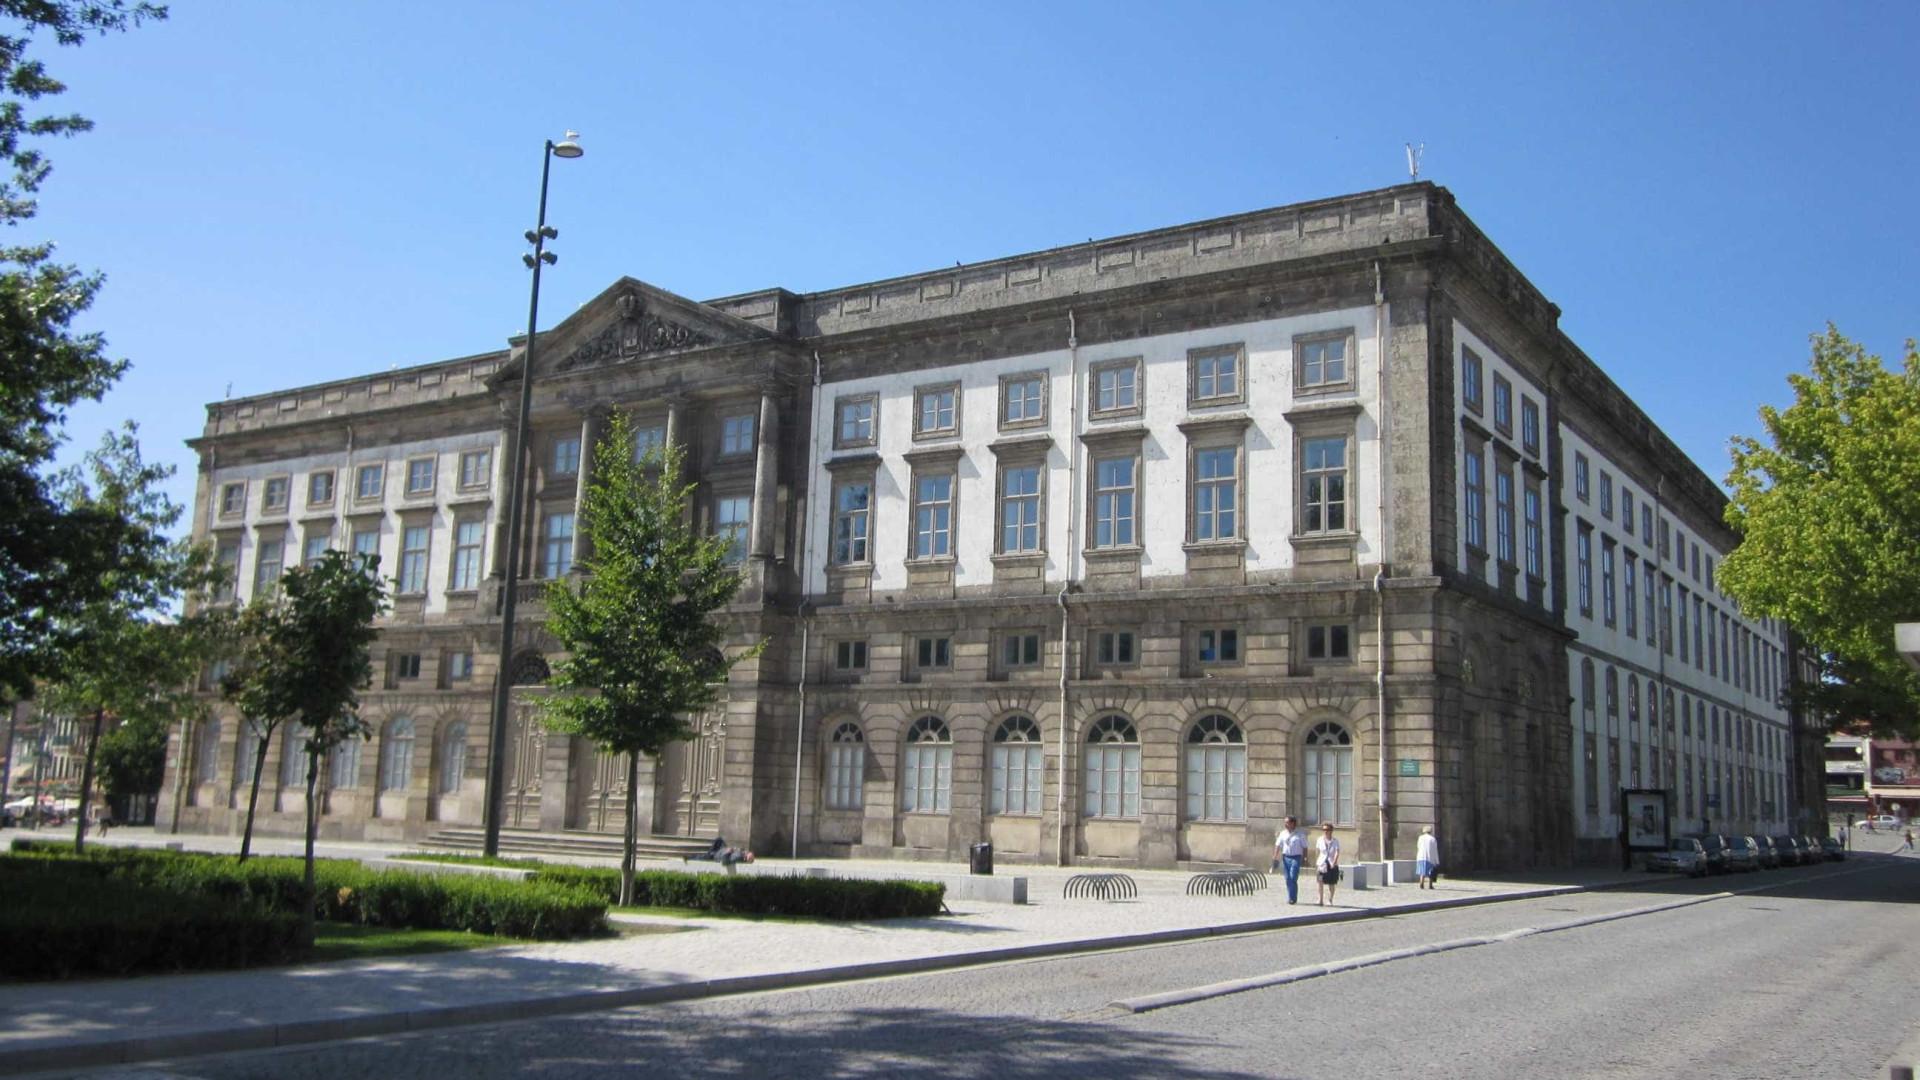 Abertas candidaturas ao cargo de reitor da Universidade do Porto